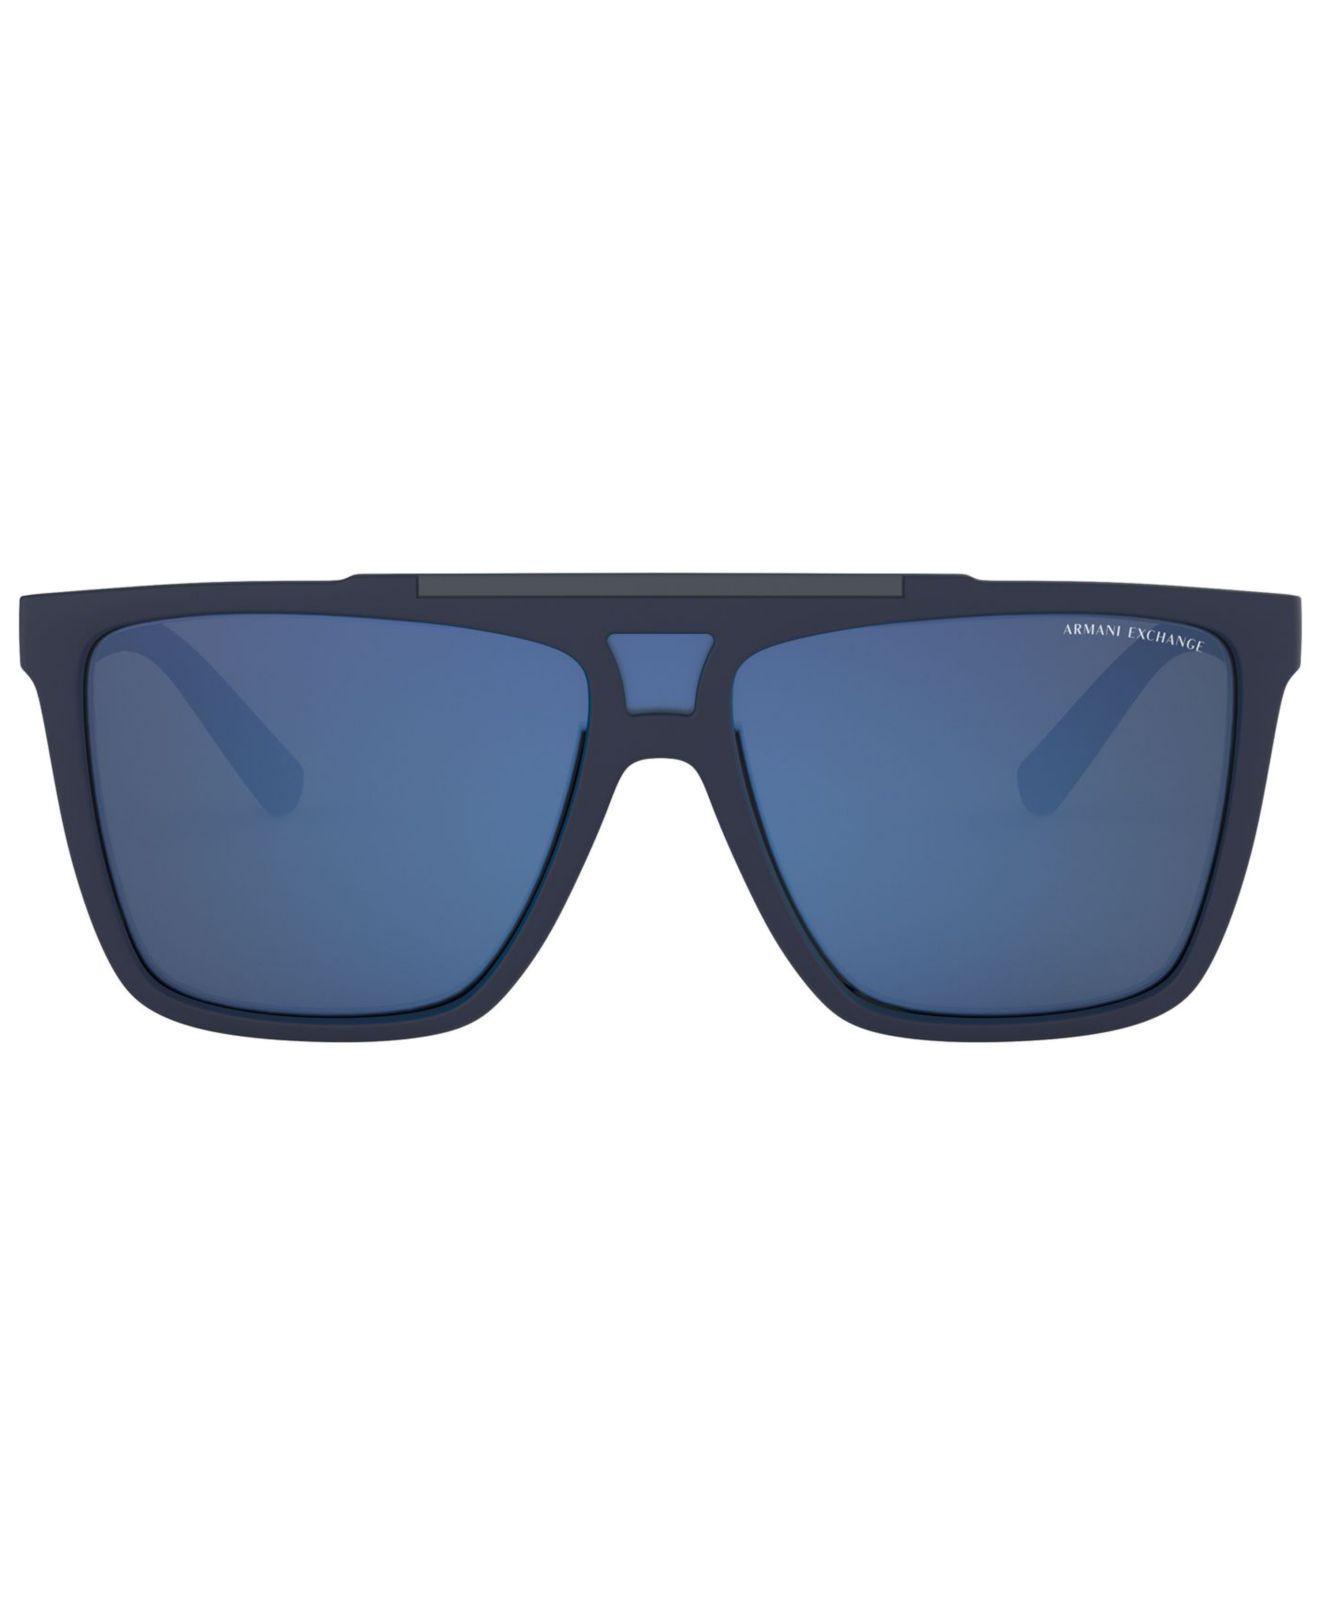 af7ea916f9f Lyst - Armani Exchange Sunglasses